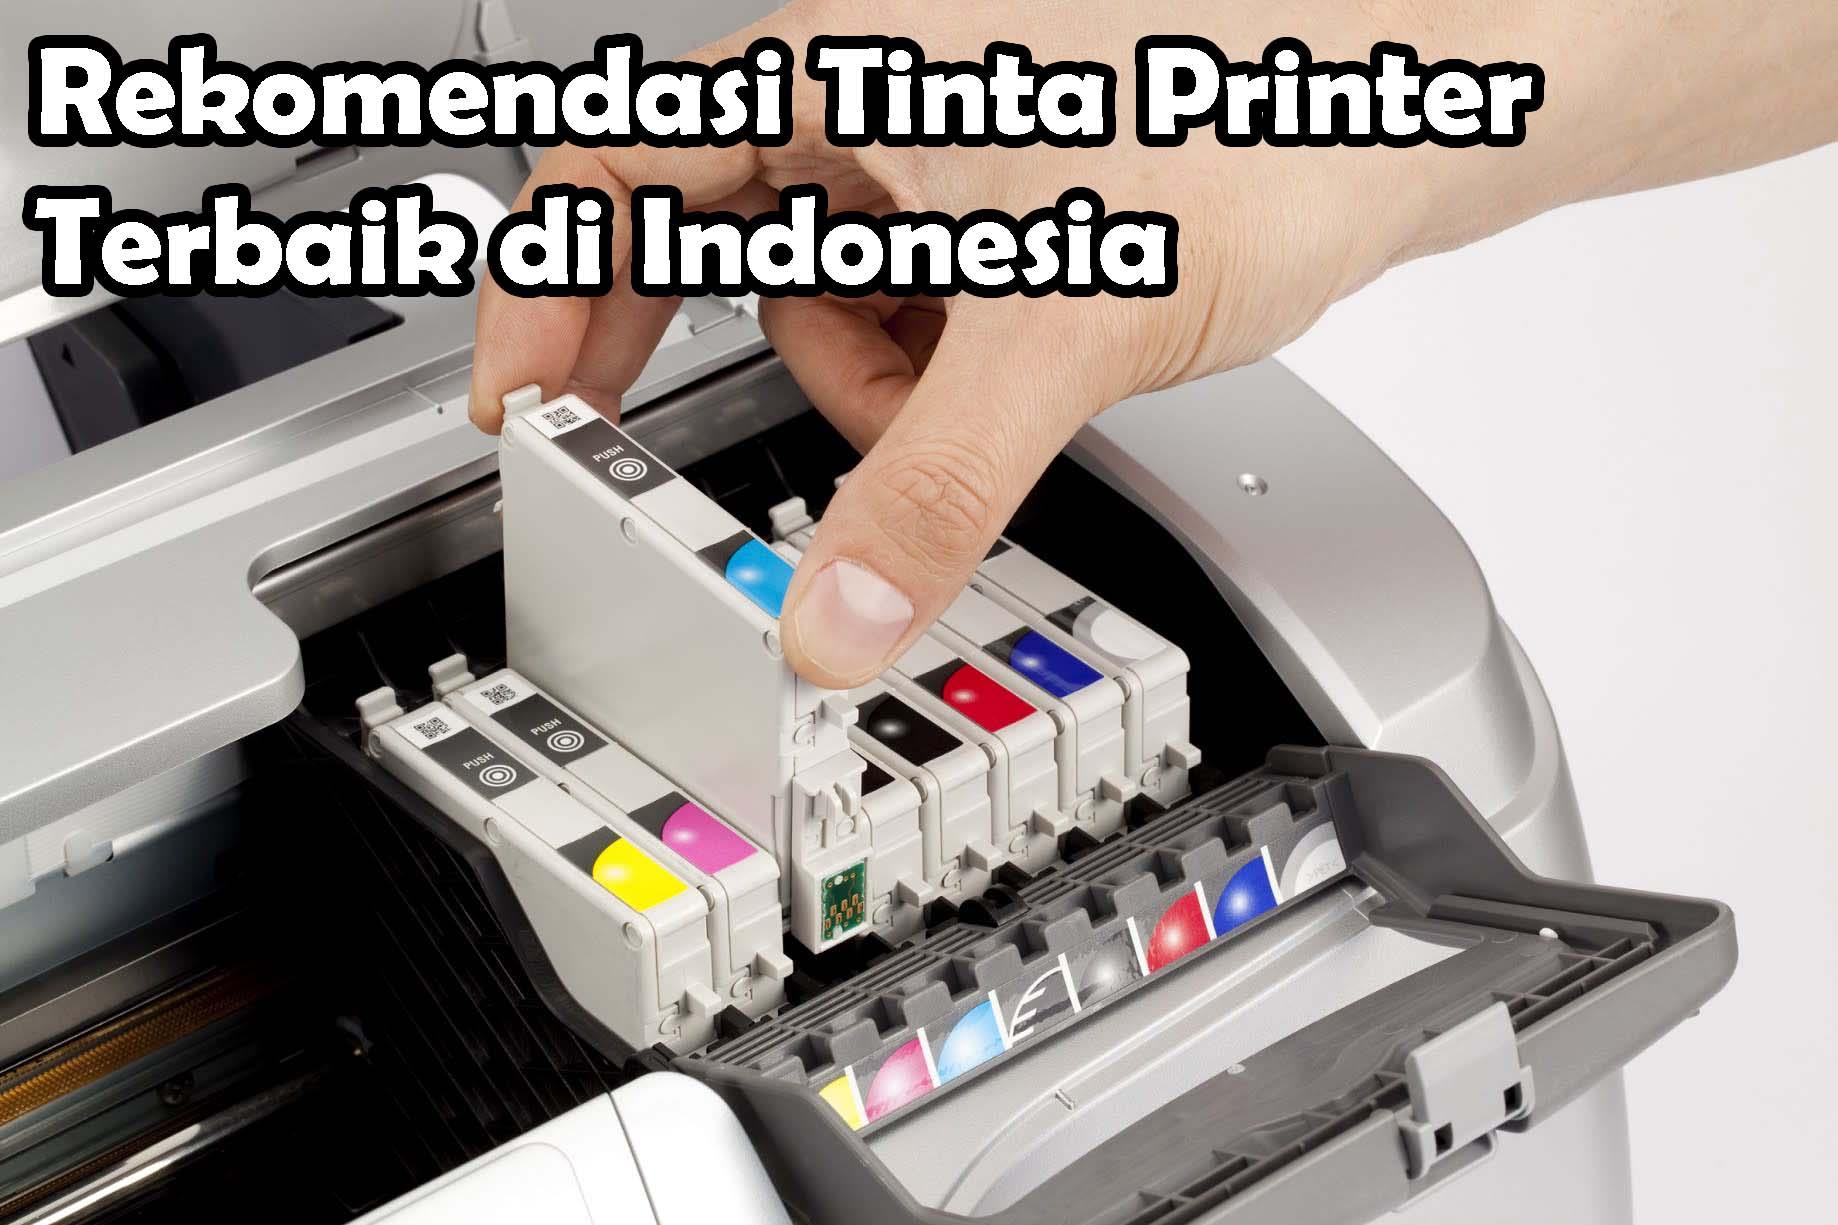 Rekomendasi Tinta Printer Terbaik di Indonesia